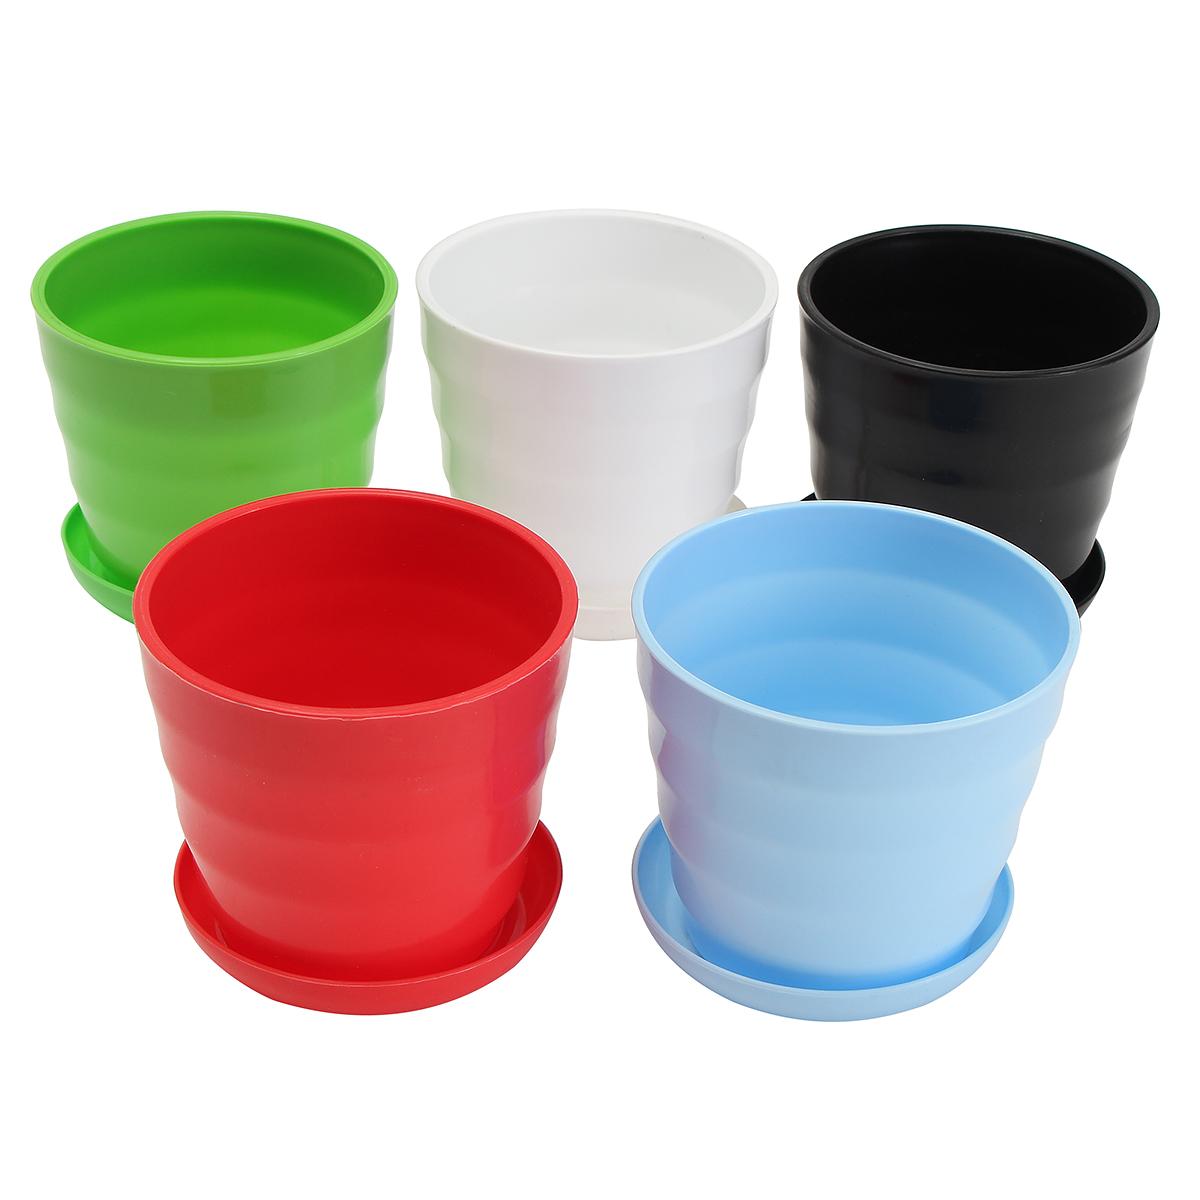 Medium Plastic Plant Pot Colorful Flower Pot Durable Decoration Container DIY Home Garden